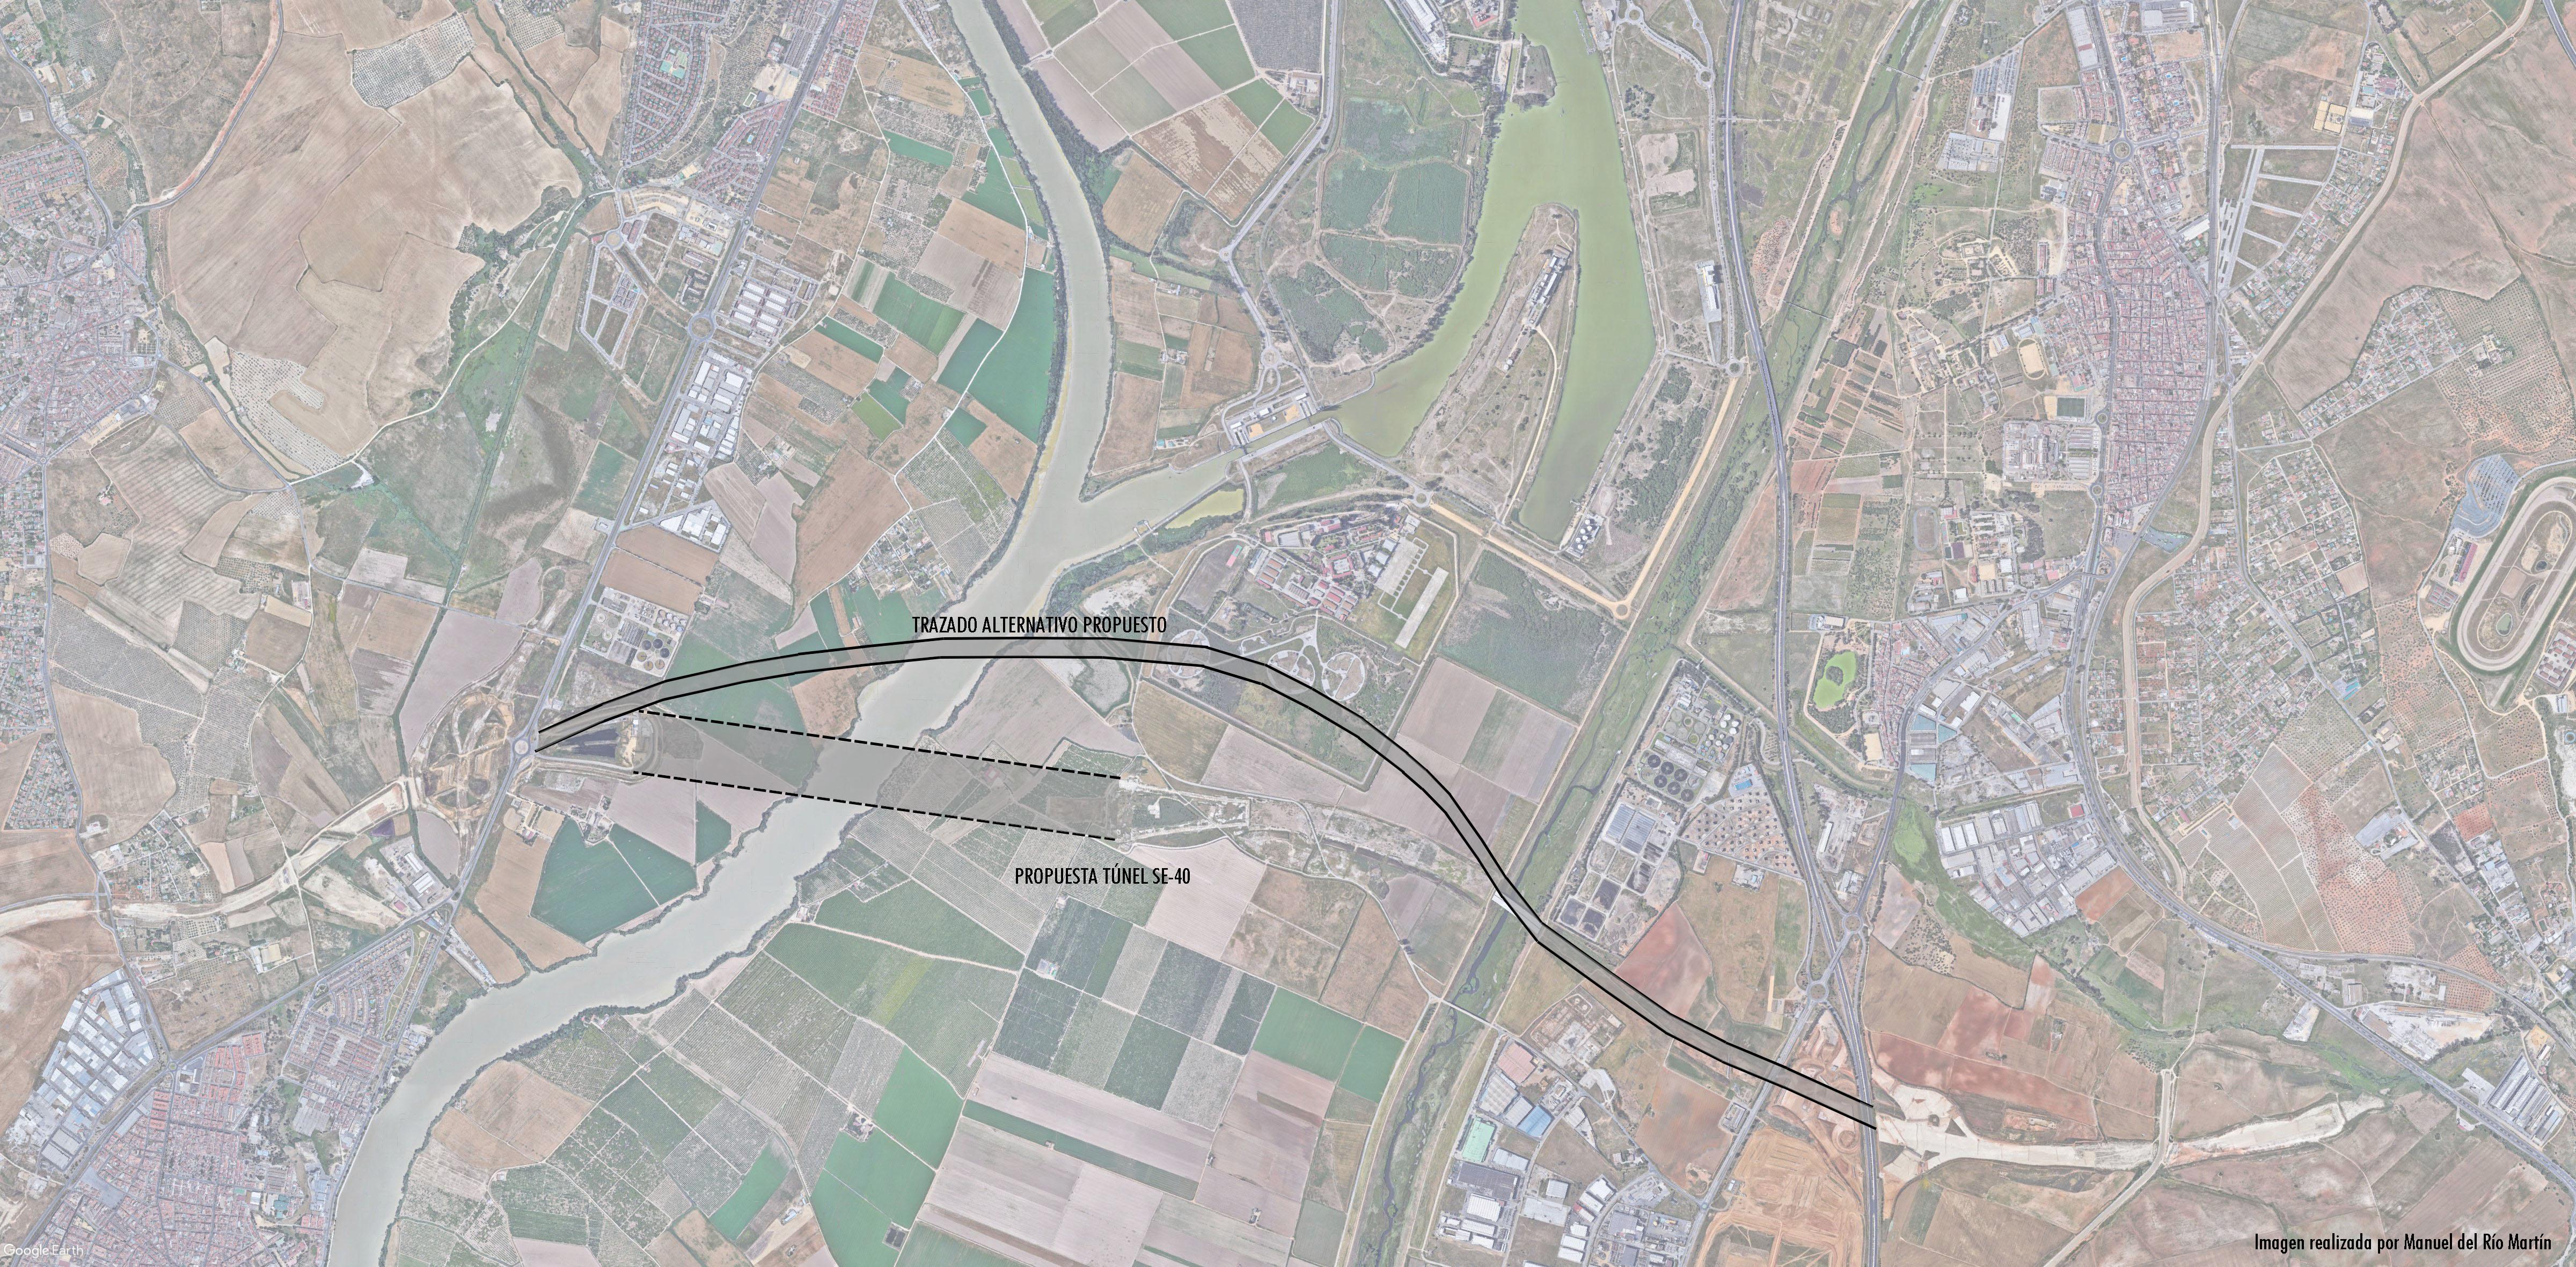 Plano adjunto solución 1. Cuatro túneles y solución 2. Puente atirantado